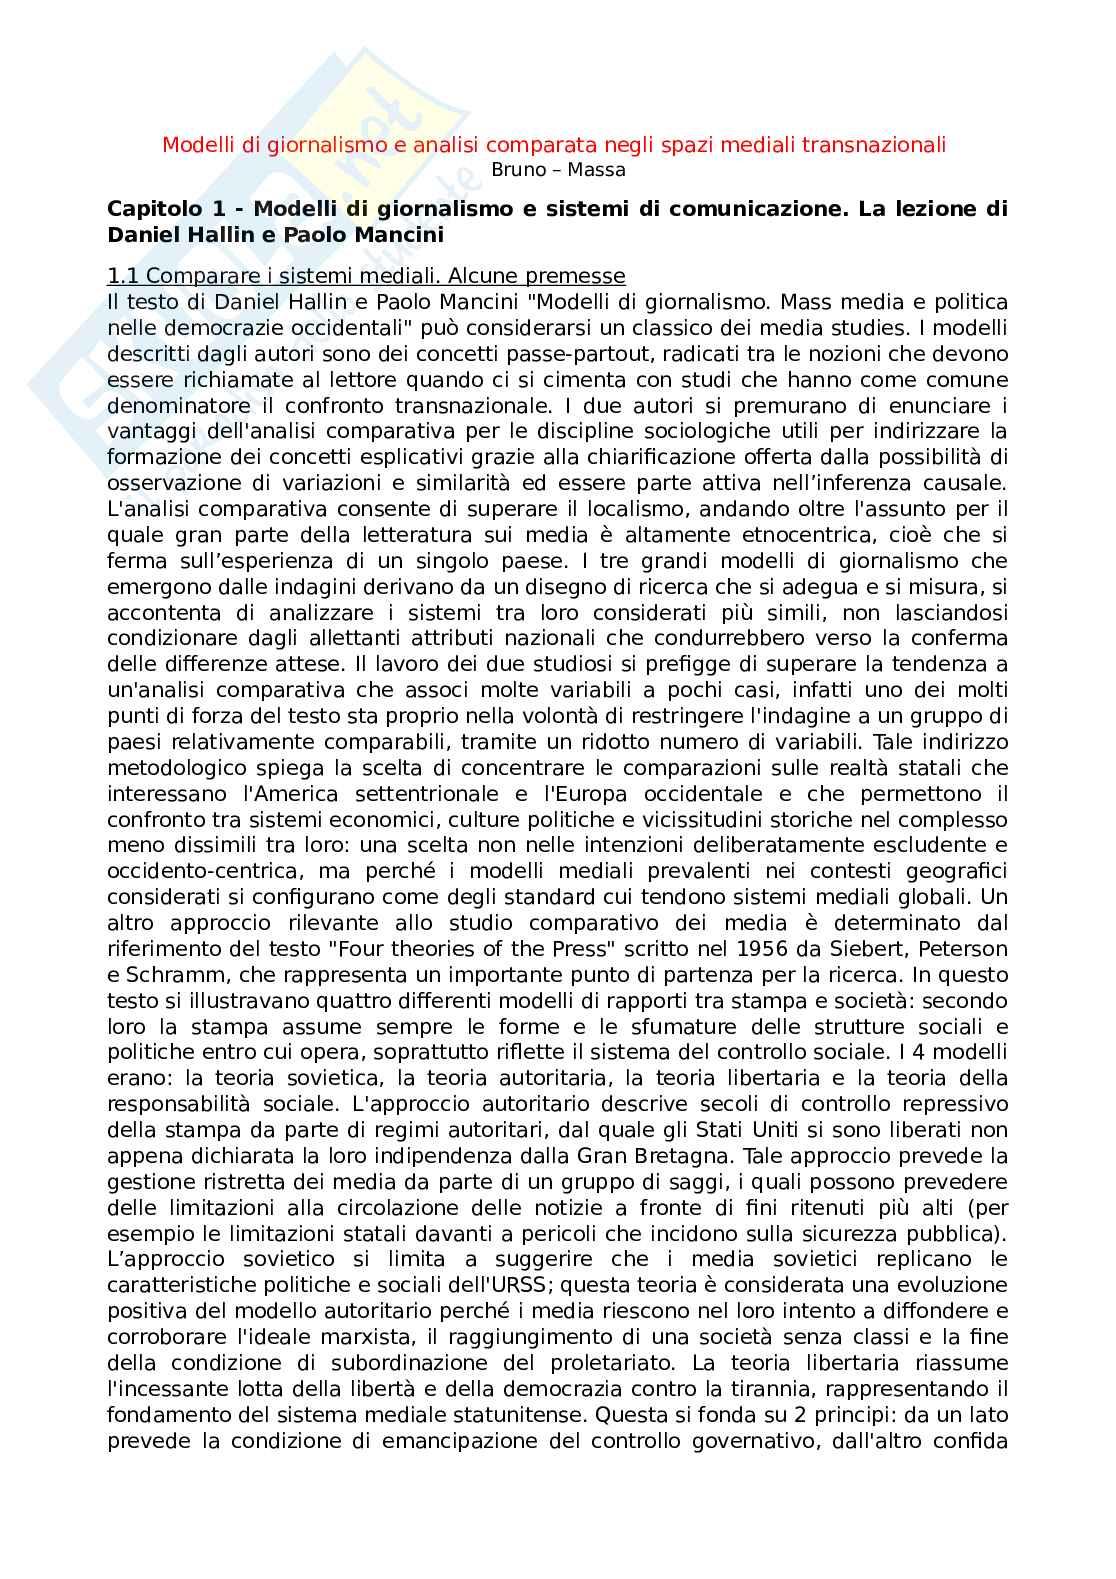 Riassunto esame Storia e modelli del giornalismo, prof. Bruno, libro consigliato Modelli di giornalismo e analisi comparata negli spazi mediali transnazionali, Bruno, Massa